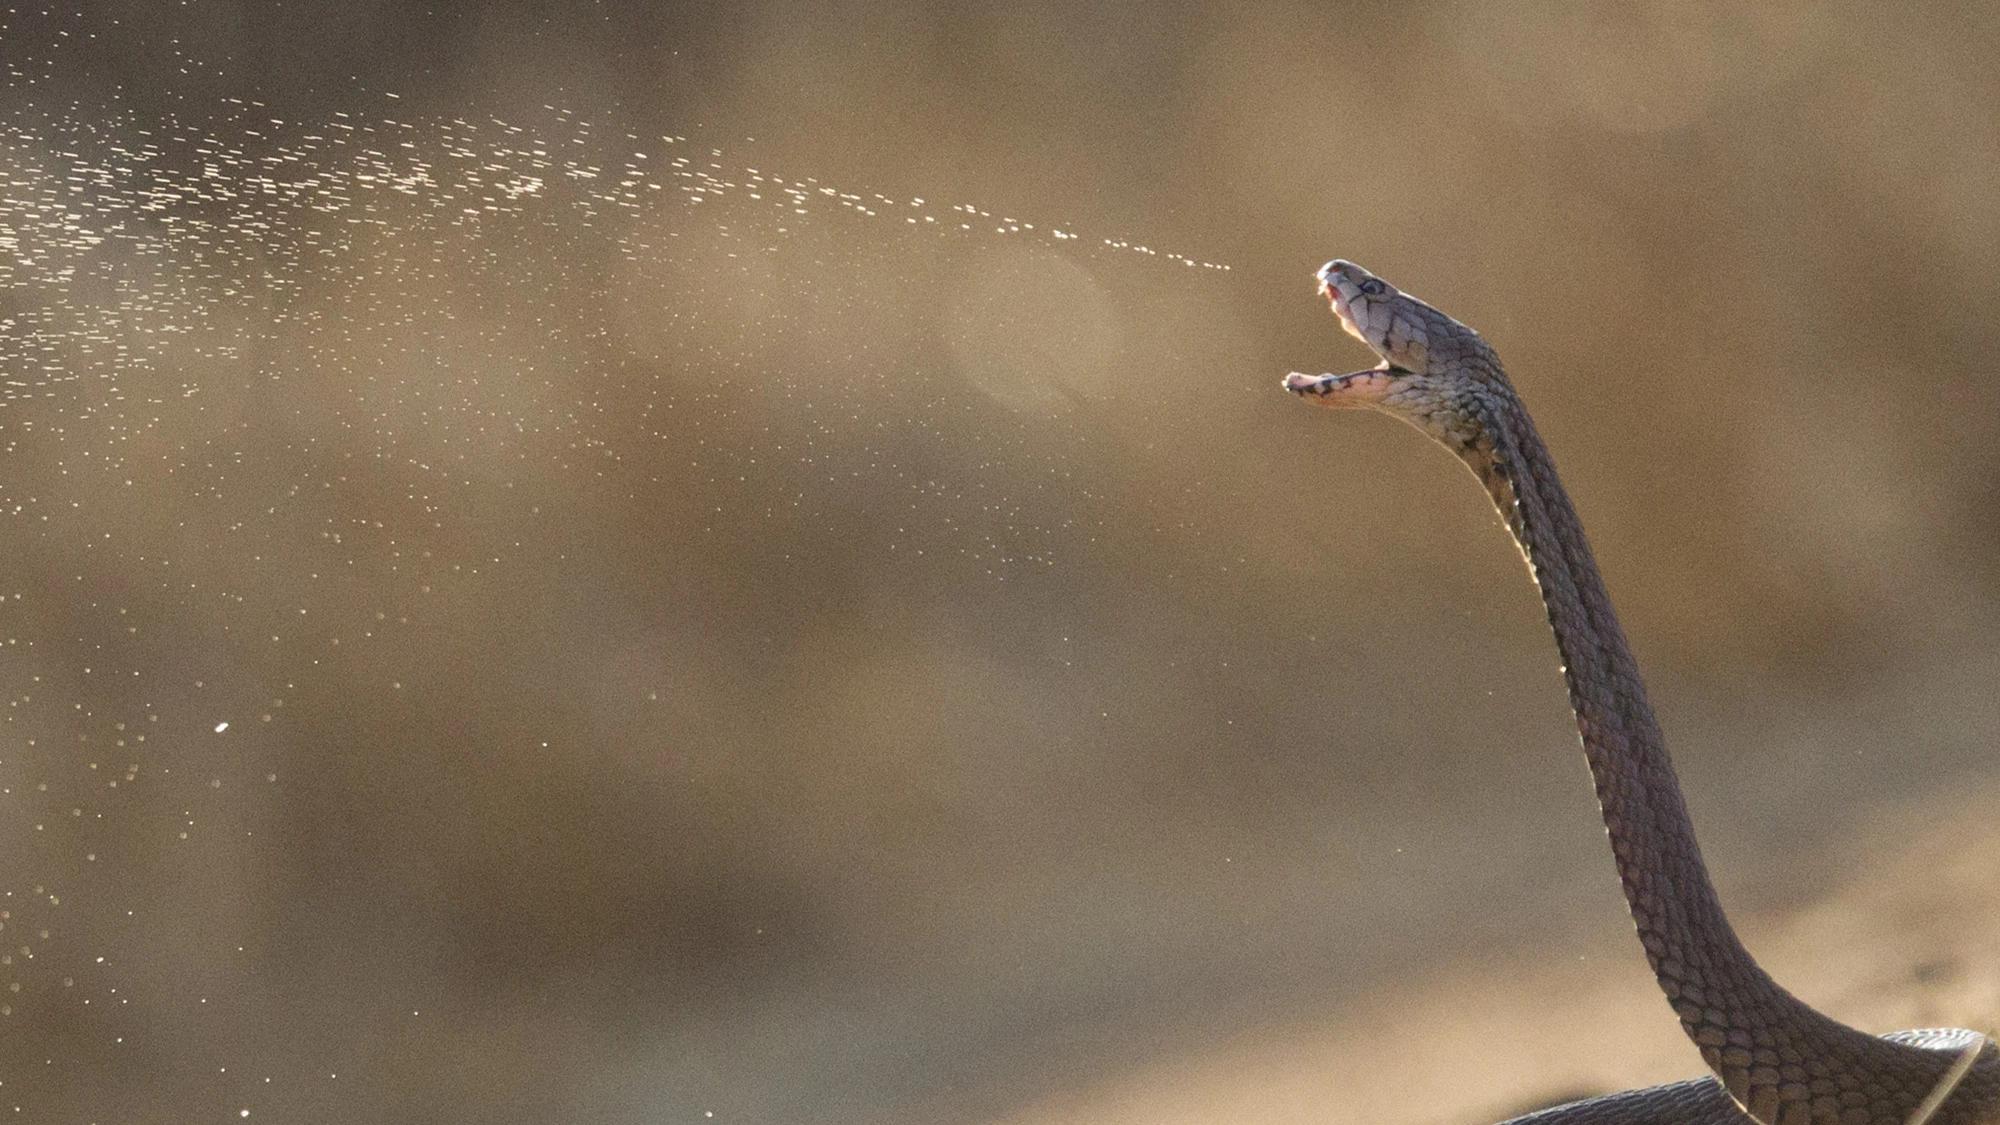 Три группы плюющихся кобр приобрели более болезненный яд независимо друг от друга